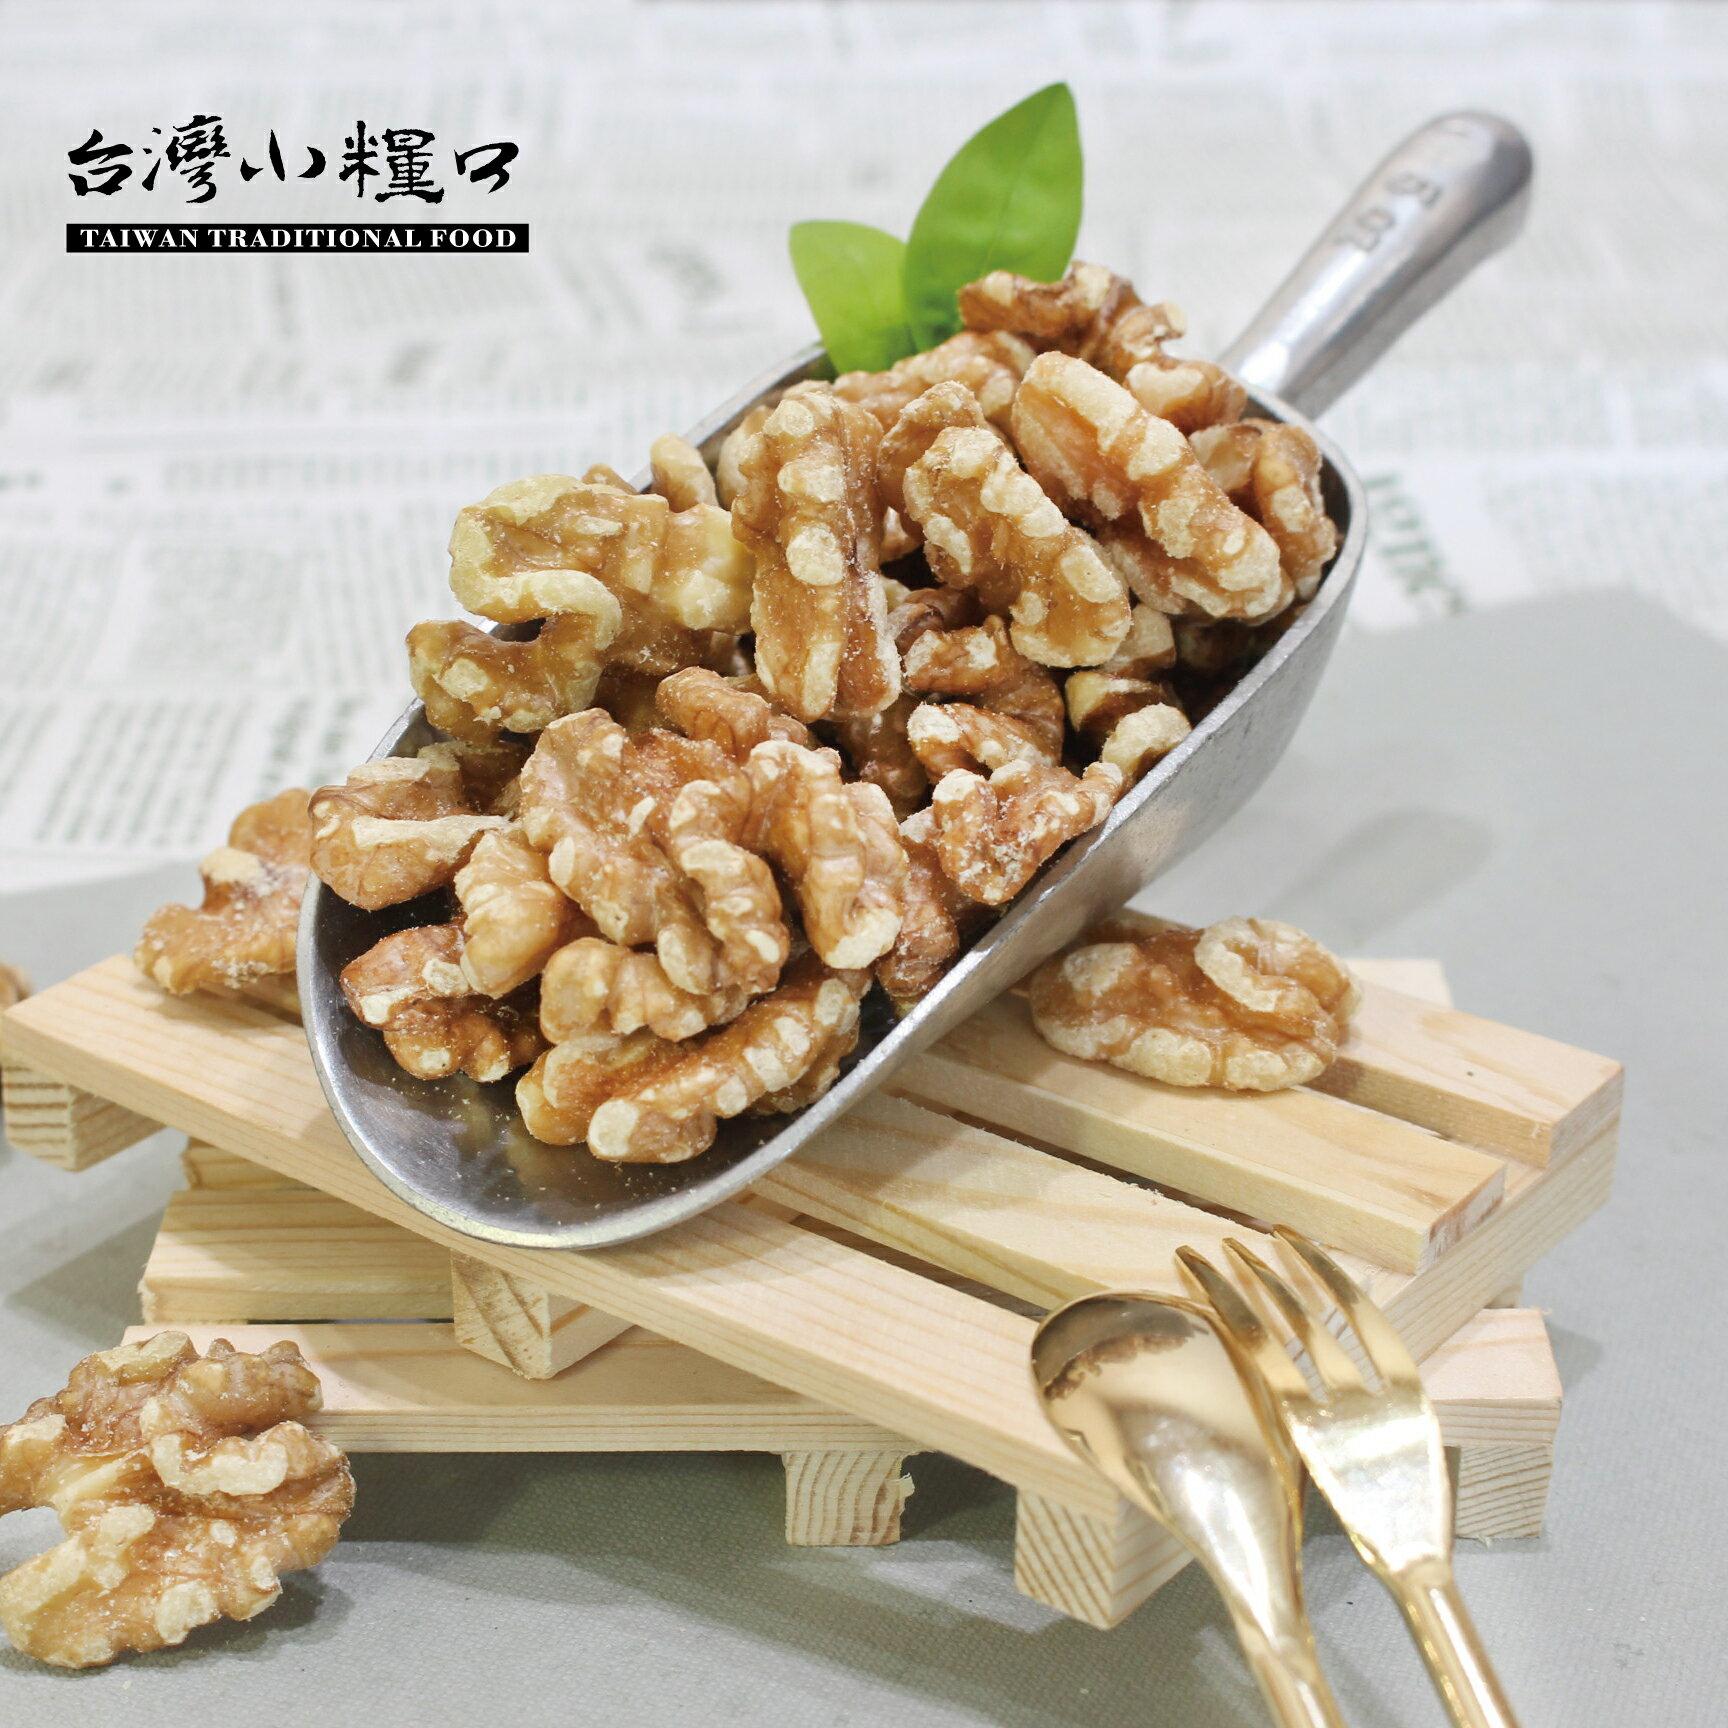 【台灣小糧口】香脆堅果 ● 原味核桃150g - 限時優惠好康折扣